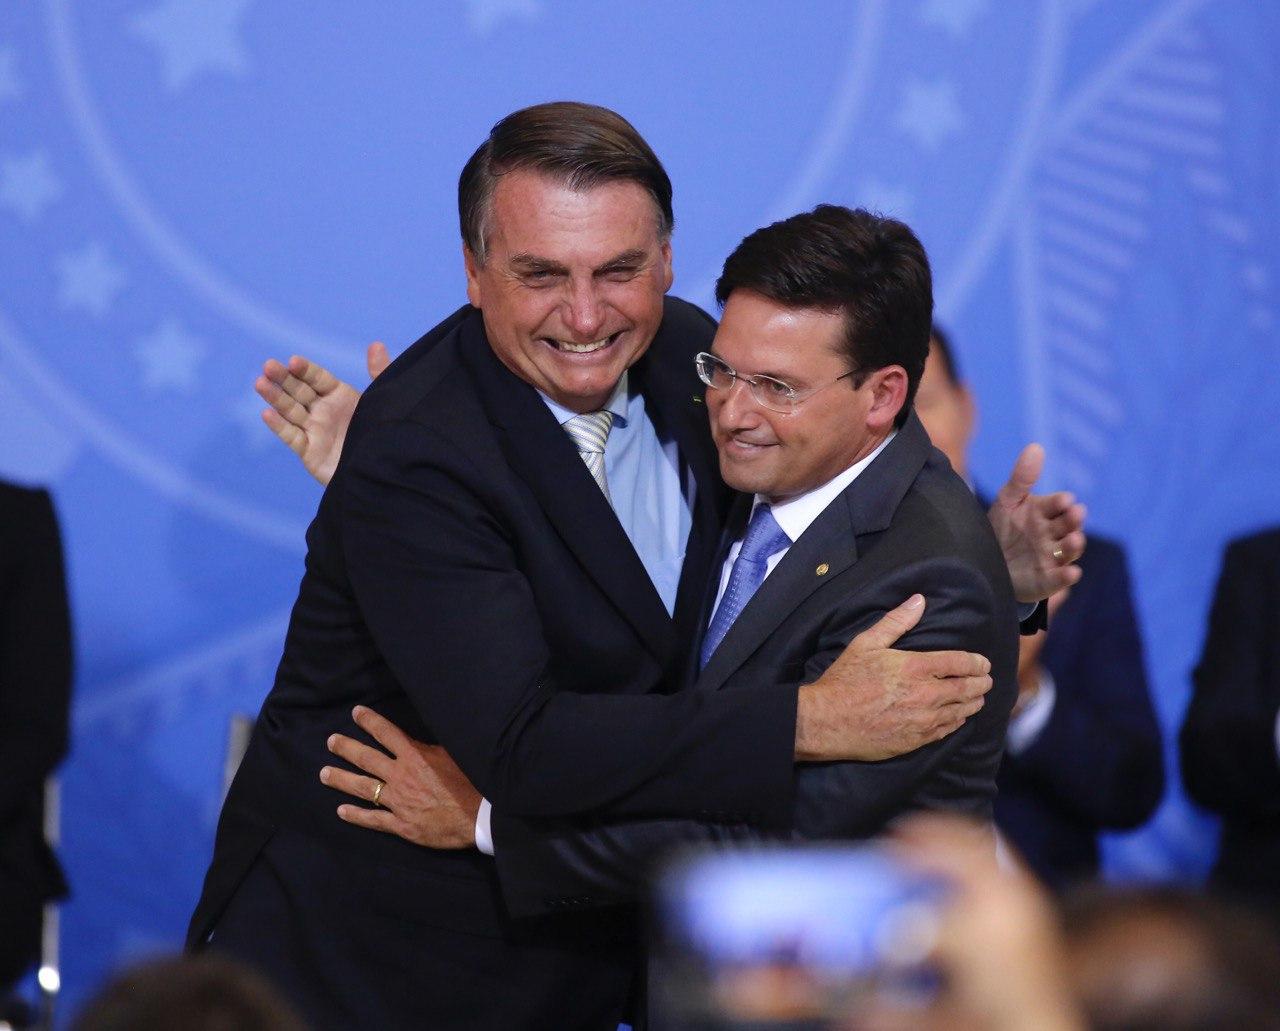 bolsonaro rma - AUXÍLIO BRASIL: ministro João Roma faz pronunciamento em rede nacional nesta quinta (12)